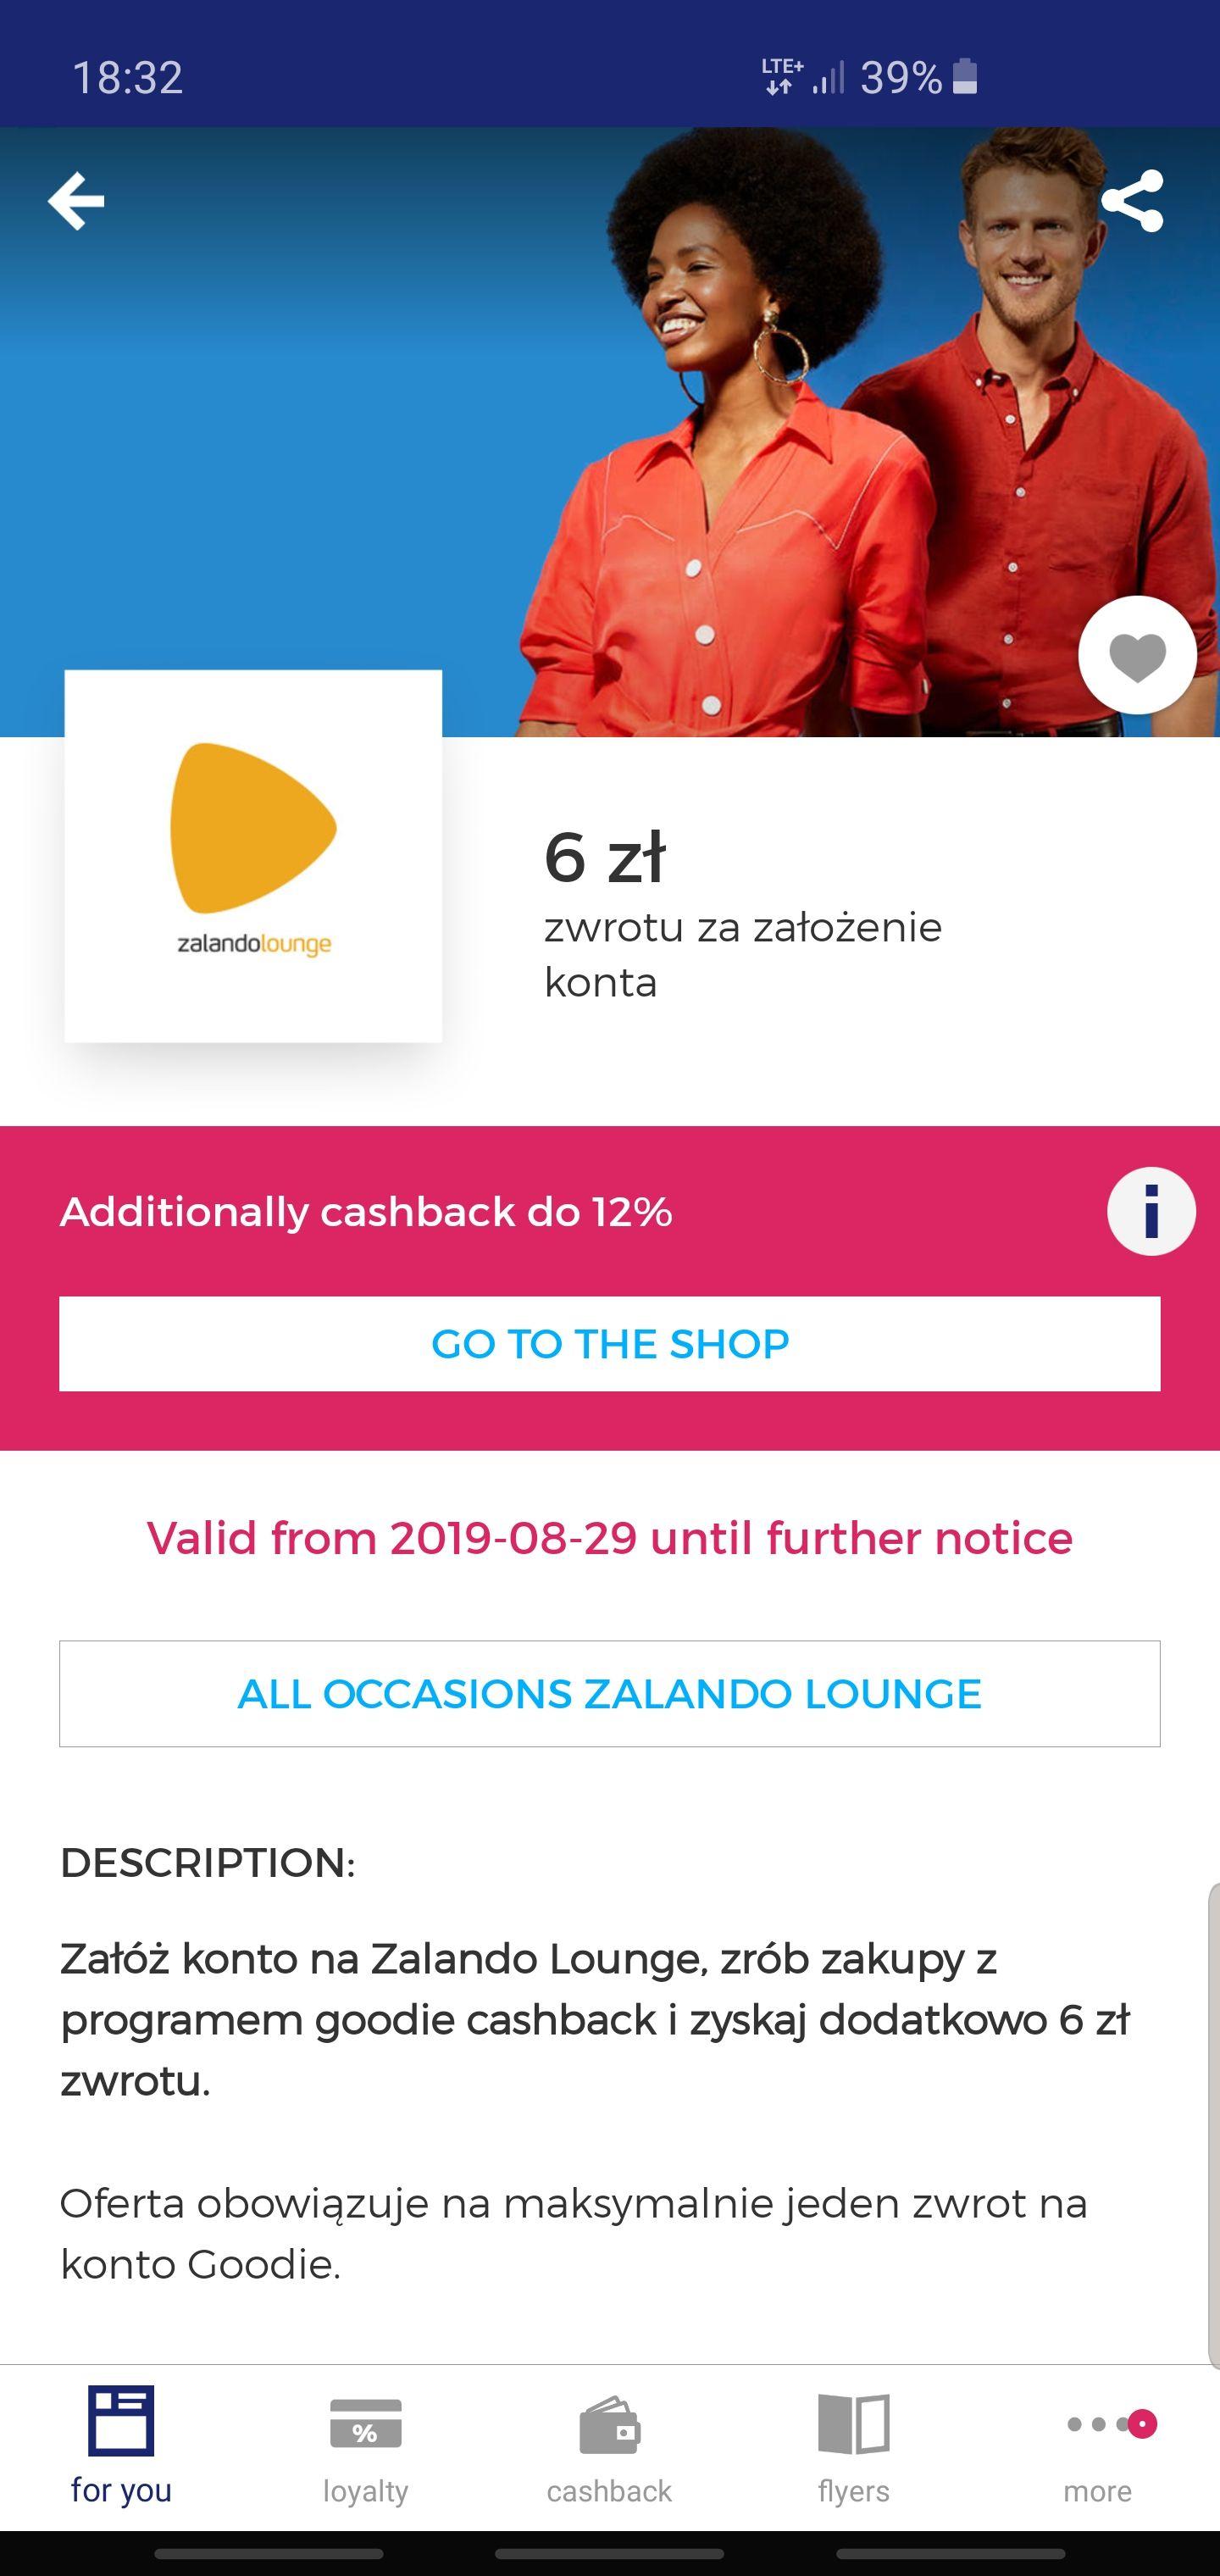 6 złotych zwrotu za założenie konta na Zalando Lounge i do 12% cashback - Goodie